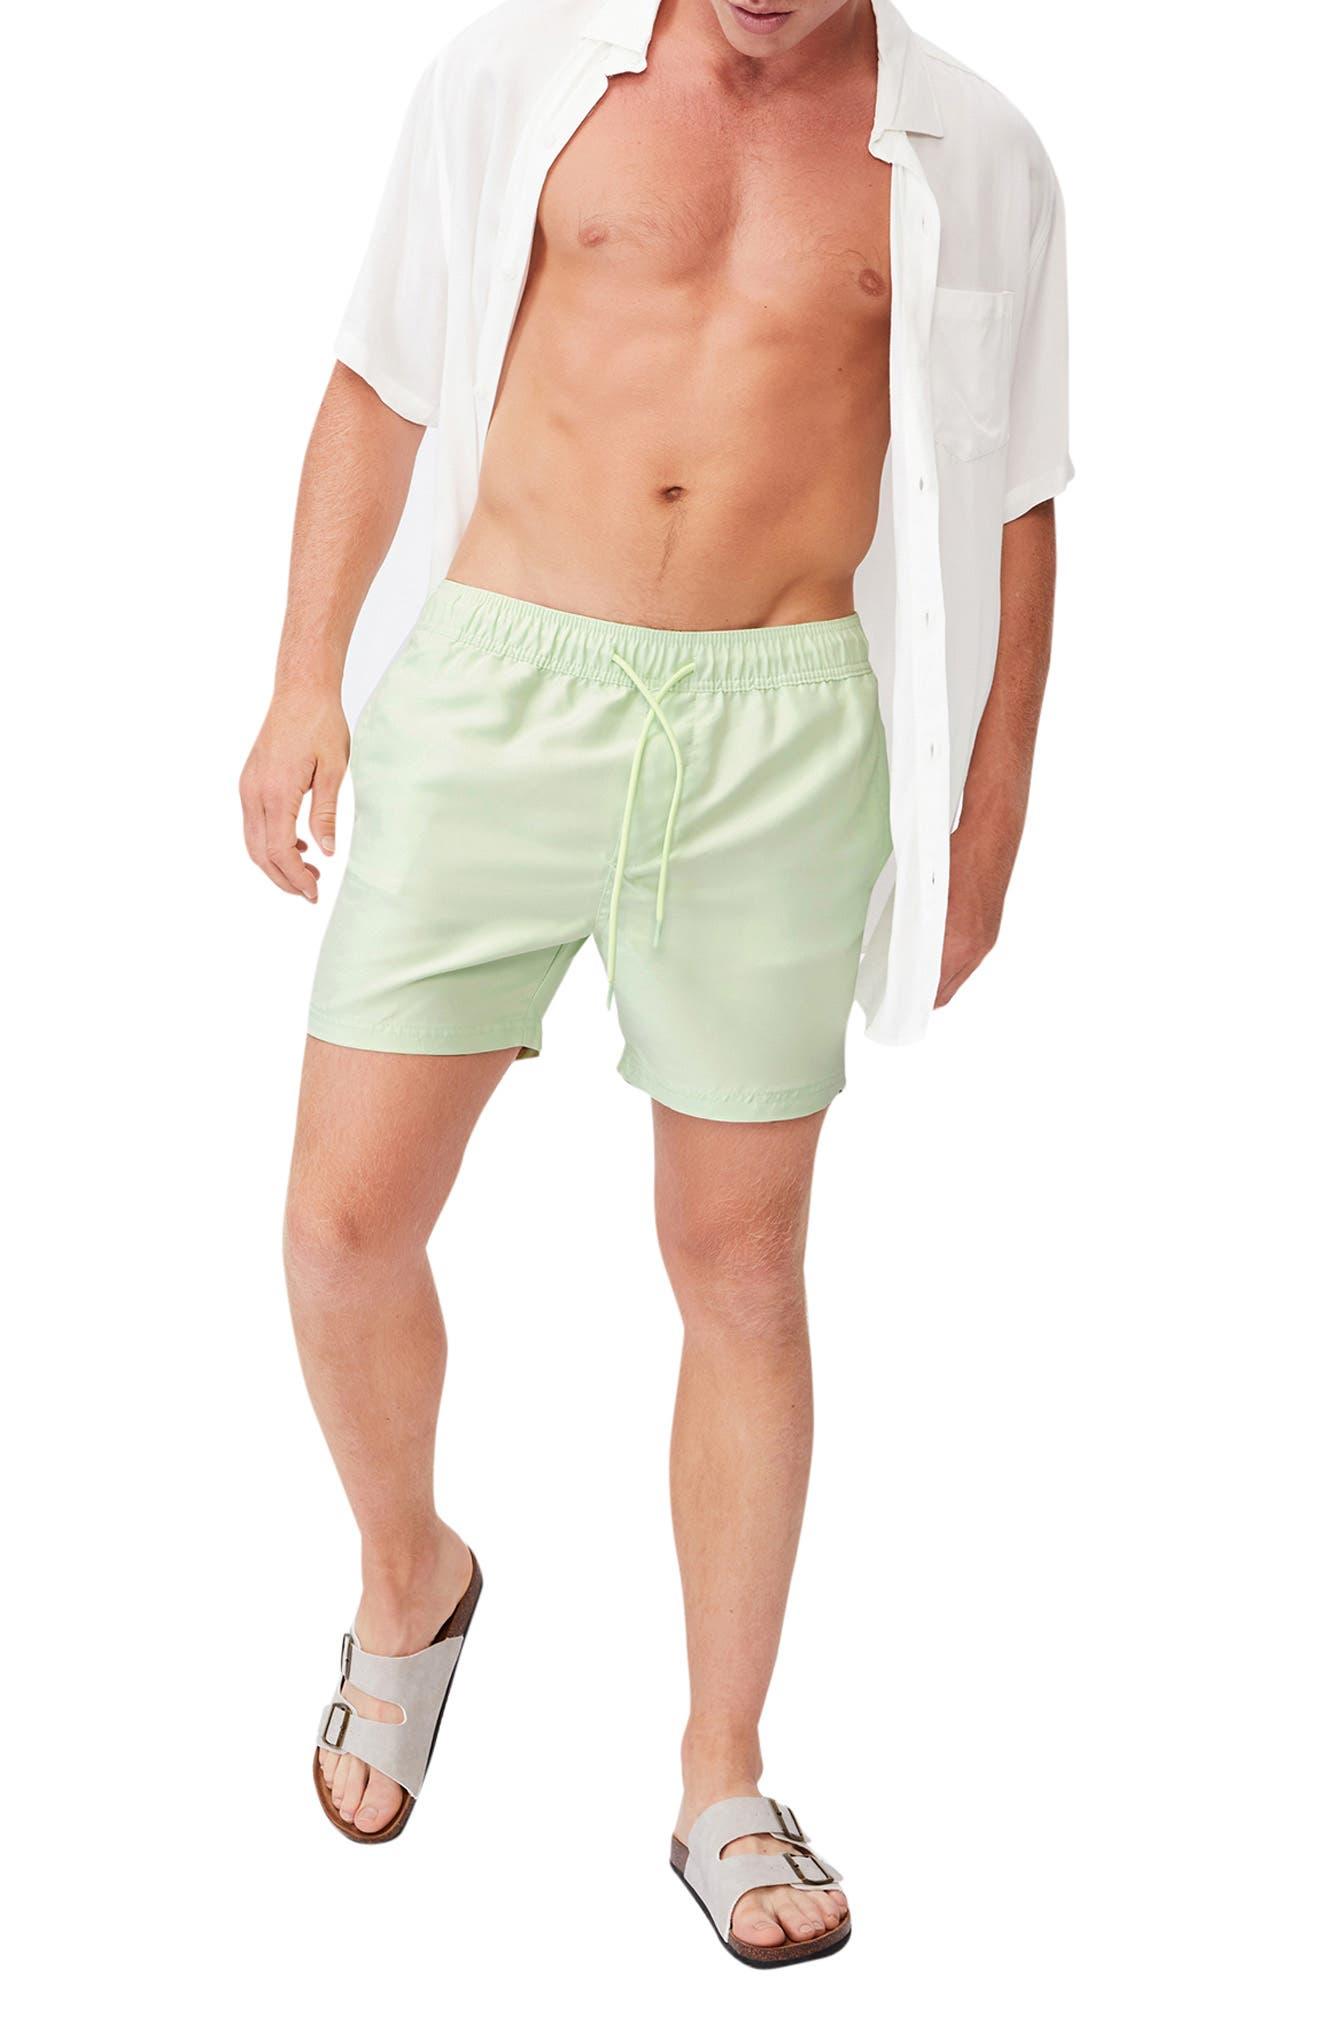 Image of Cotton On Swim Shorts